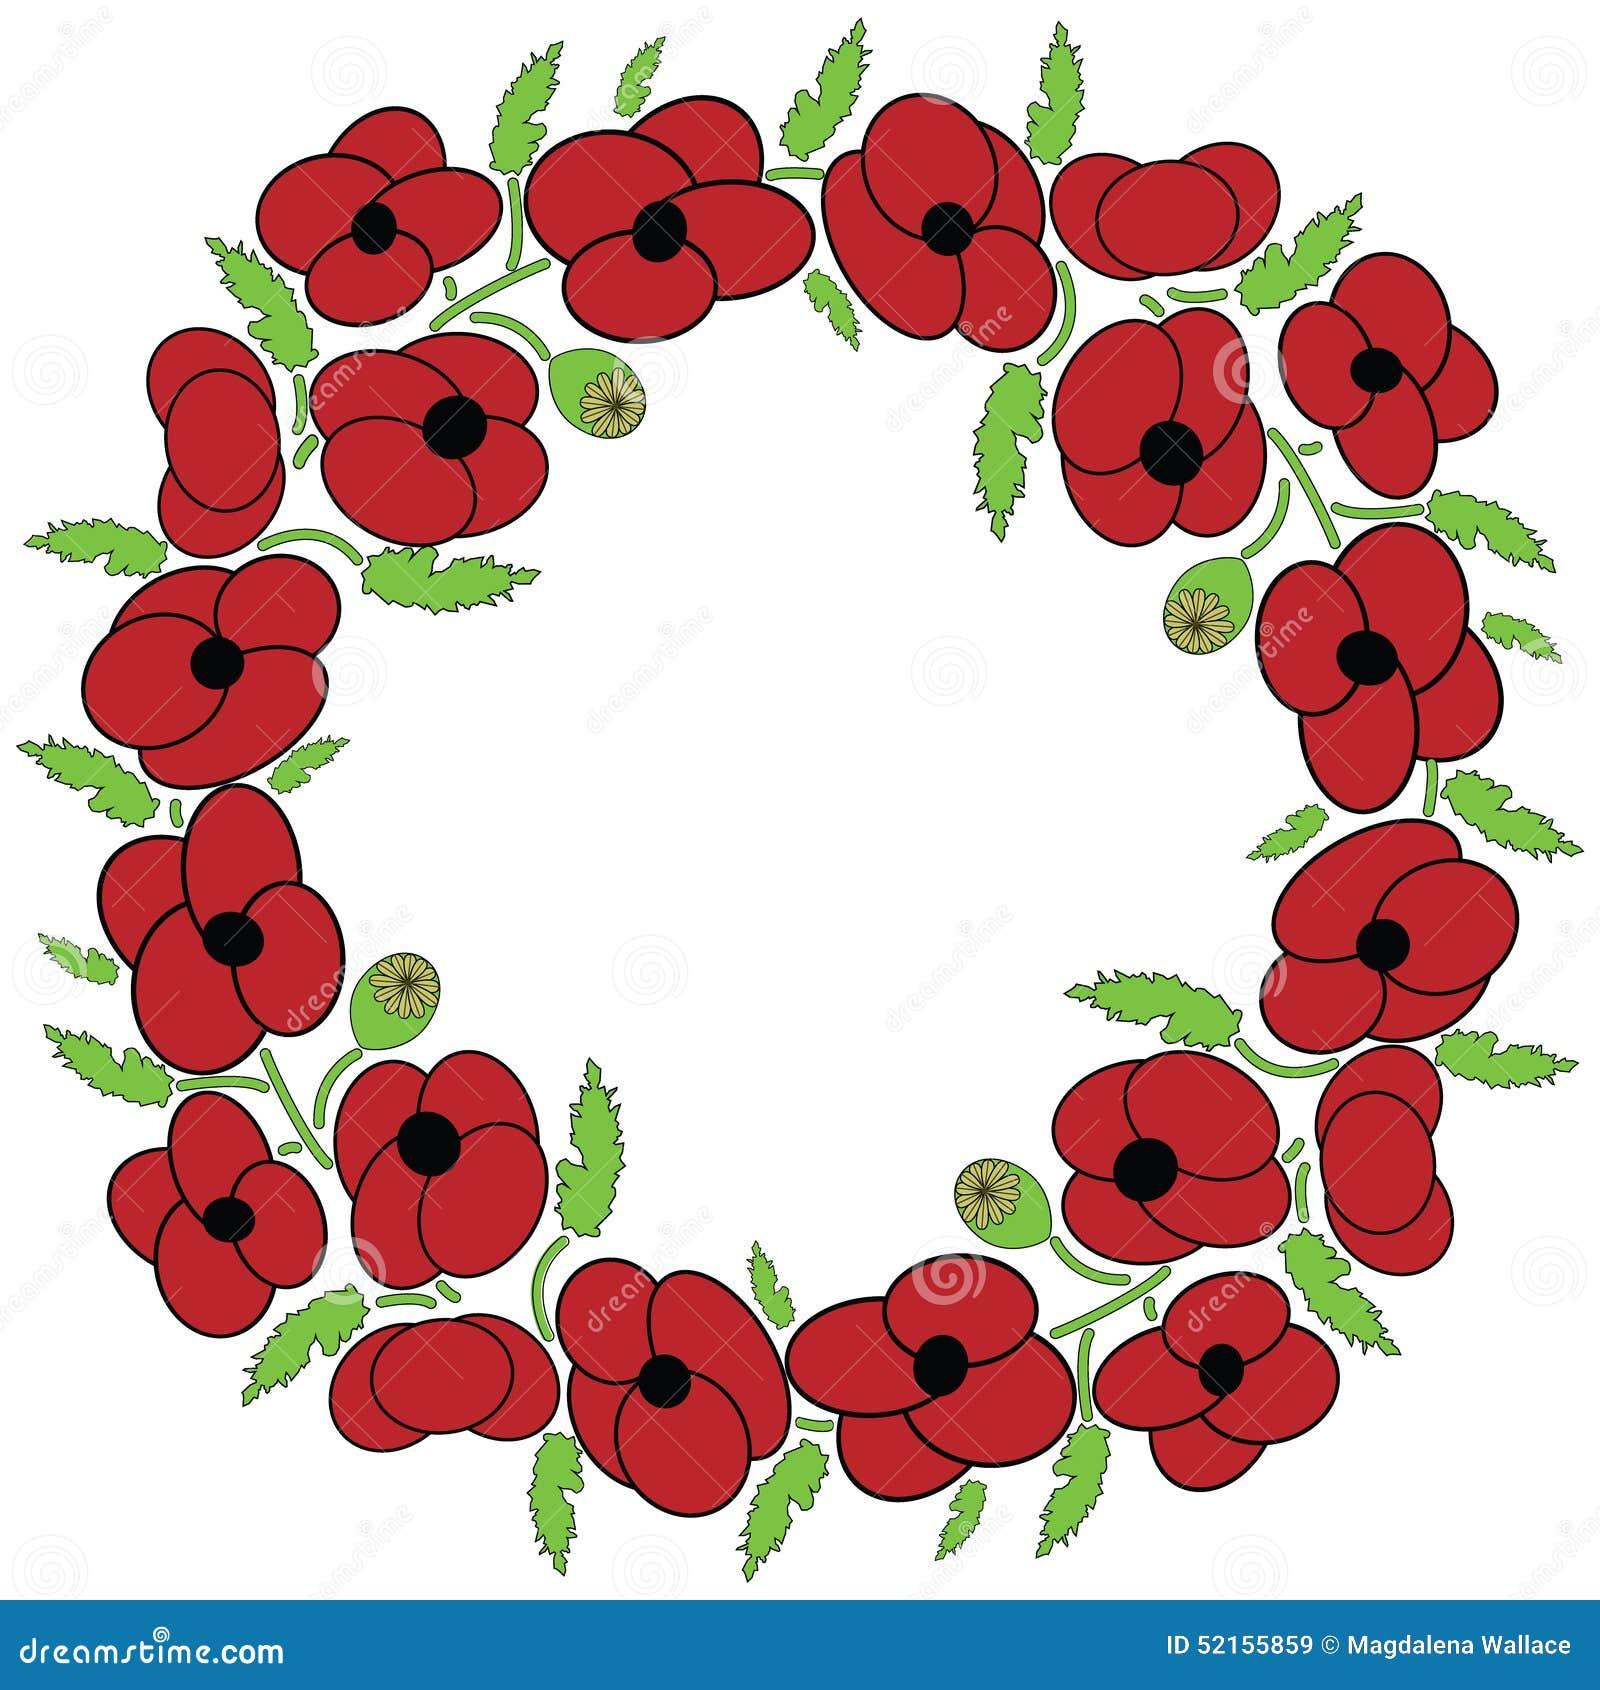 Poppy Flowers Wreath Stock Vector Illustration Of Design 52155859